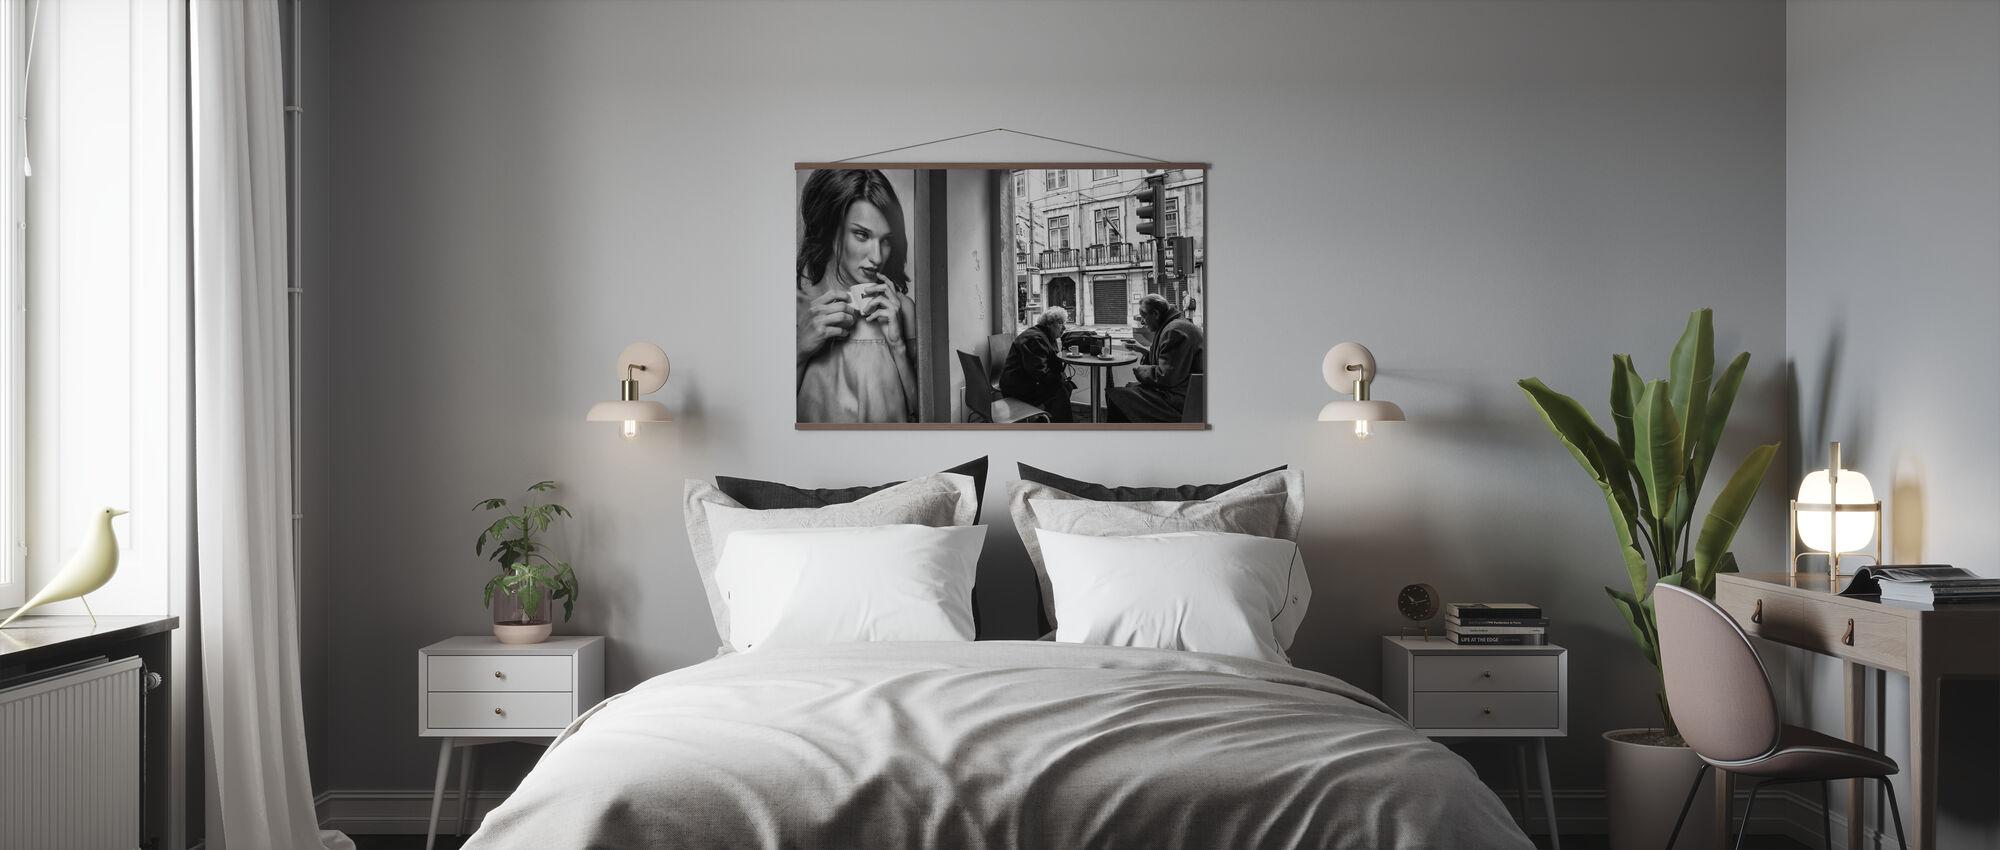 Coffee Conversations - Poster - Bedroom